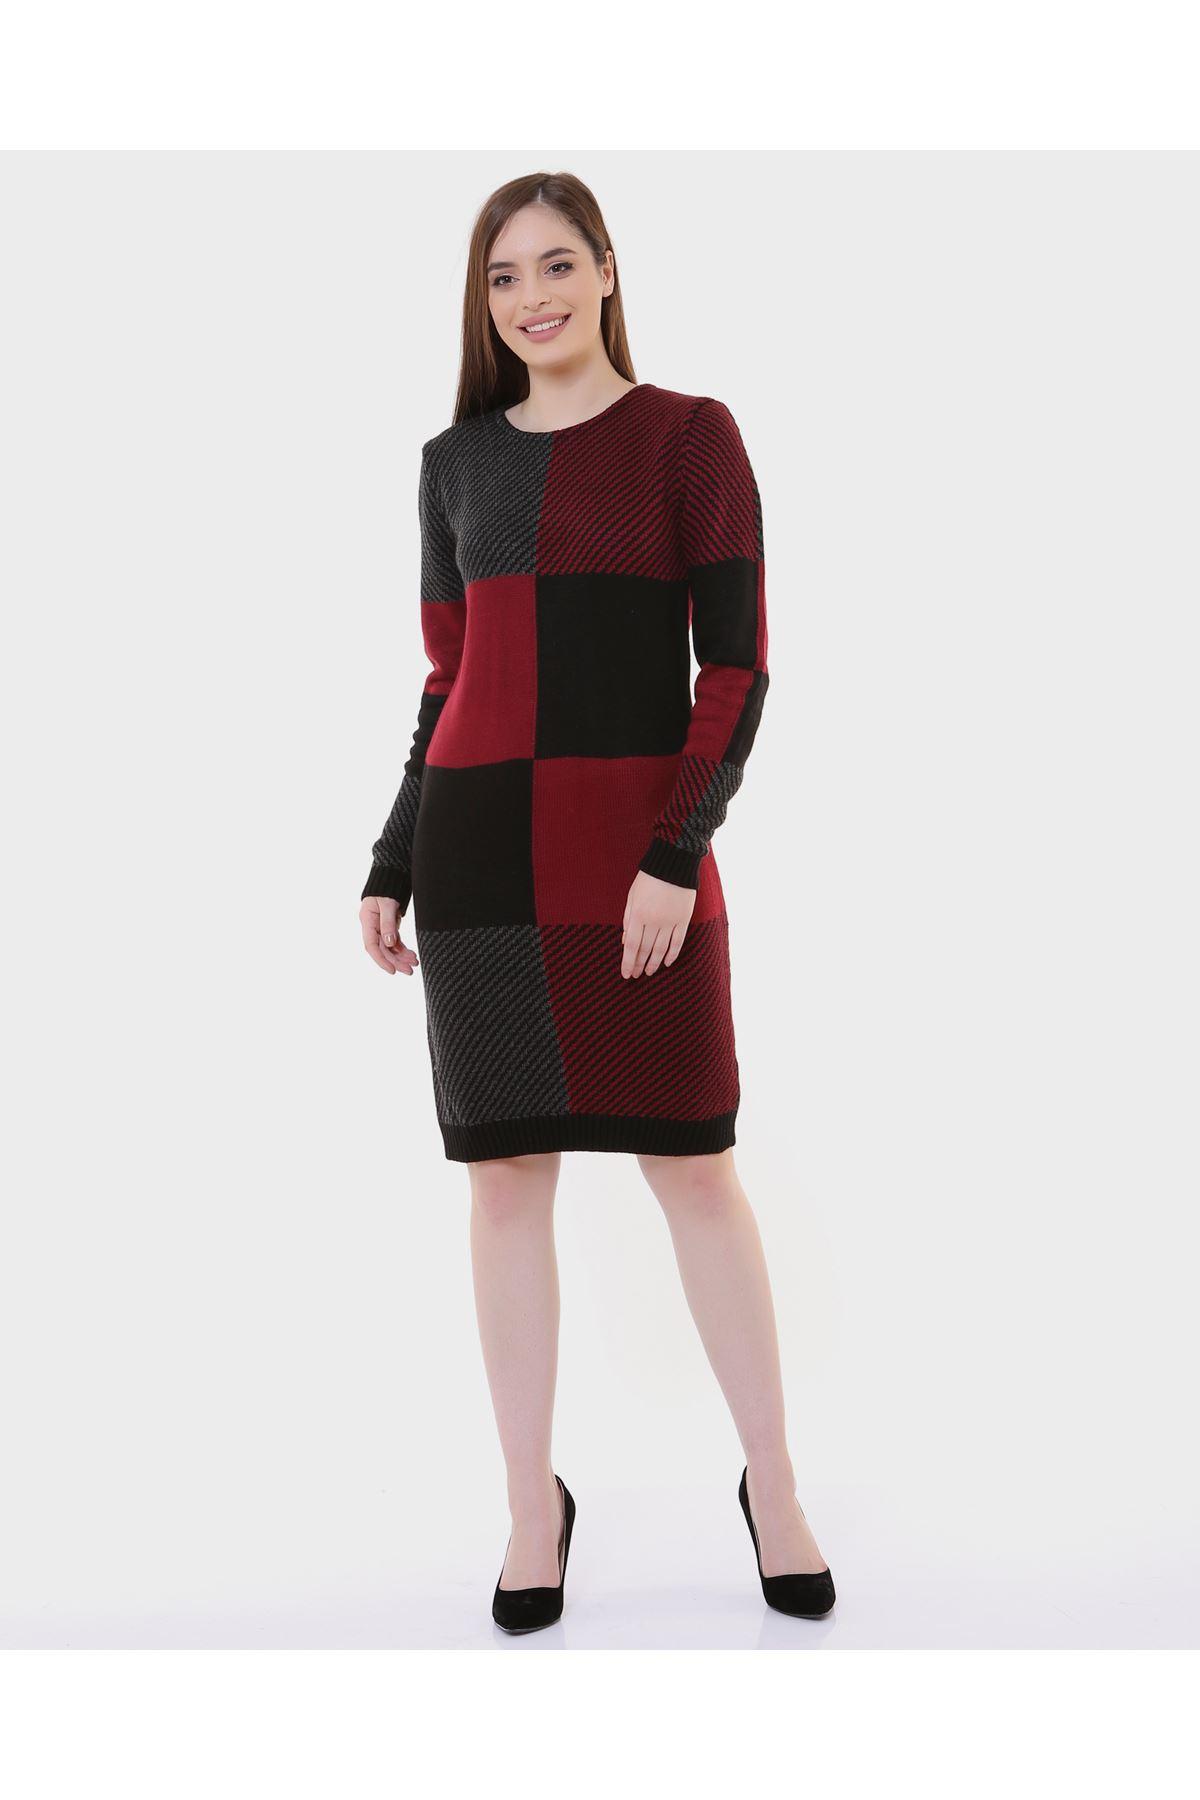 Kare Desen Kırmızı Siyah Bayan Triko